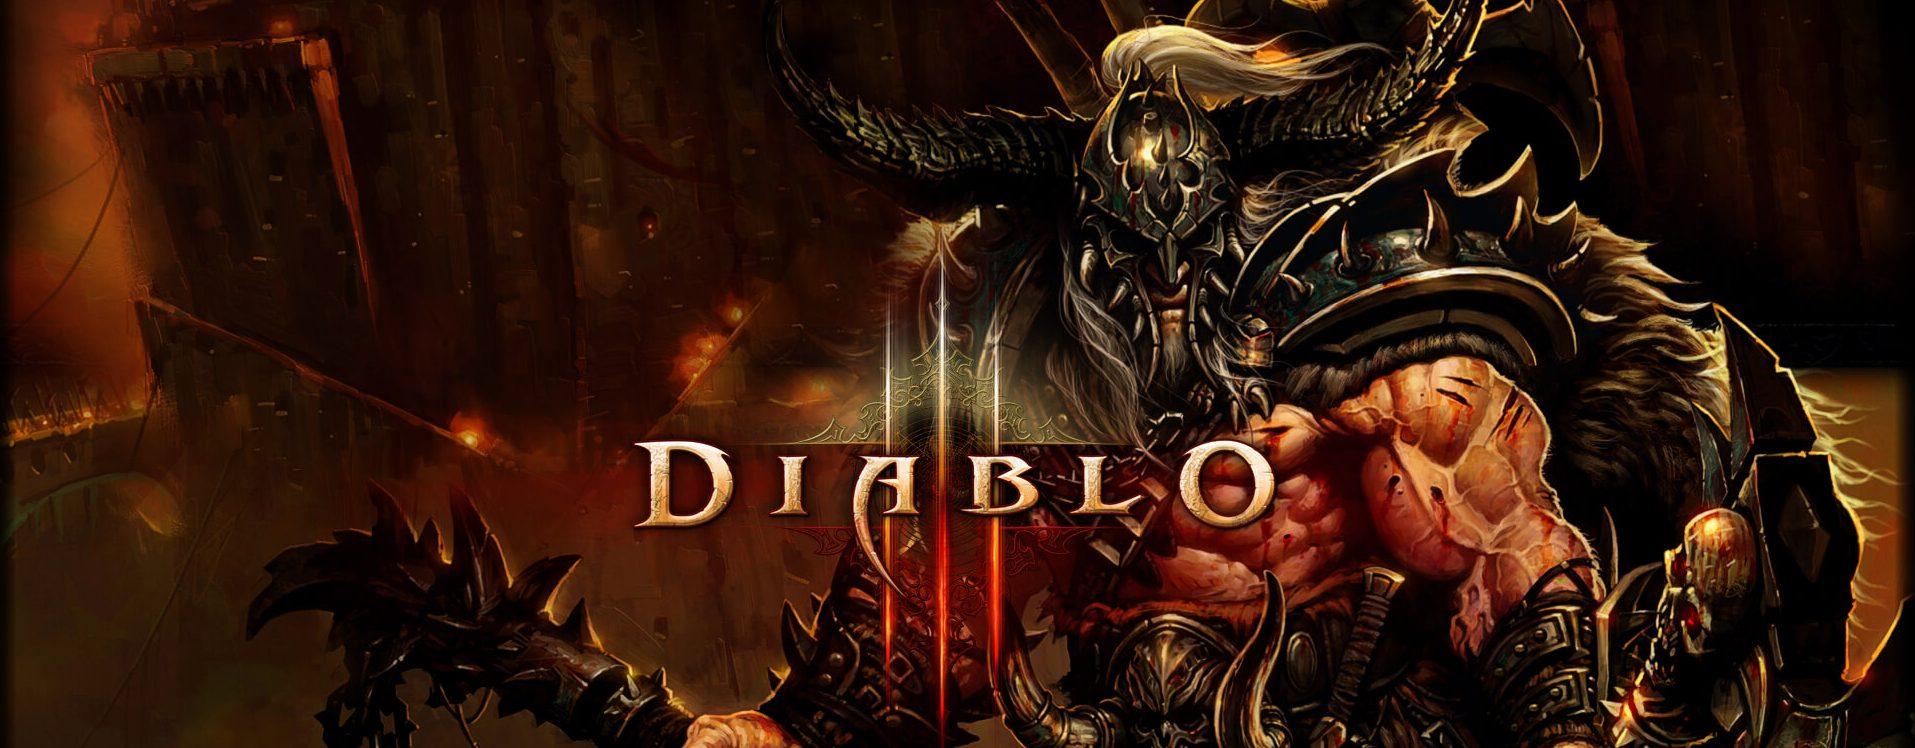 Diablo 3: Neues Level jetzt gestartet – Das Event zum unsterblichen Thron